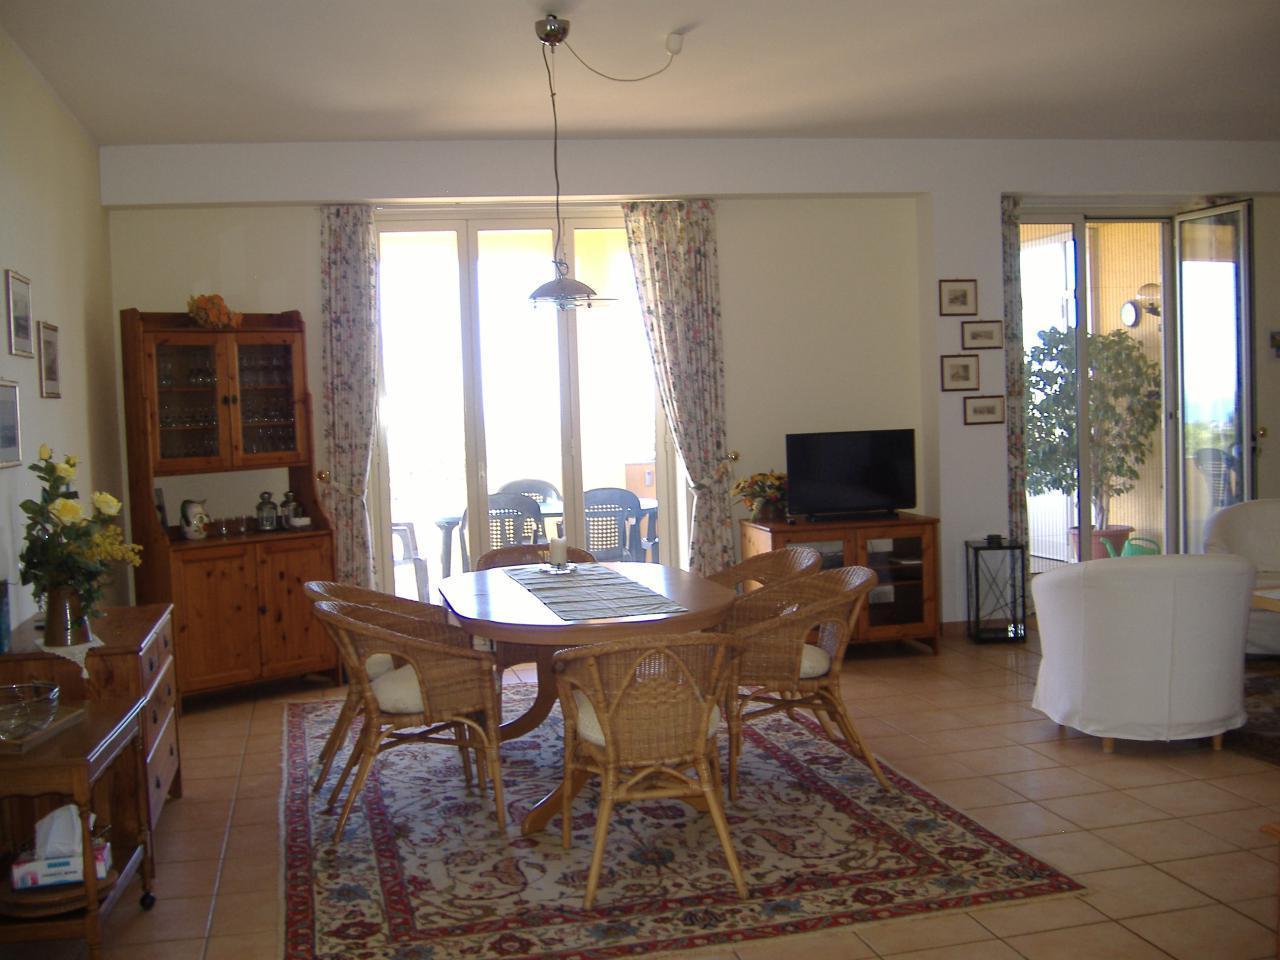 Appartement de vacances Casa Amalia - Ferienwohnung mit Meerblick -  große Terrasse, großer Garten, kostenloses WL (94824), Sampieri, Ragusa, Sicile, Italie, image 3